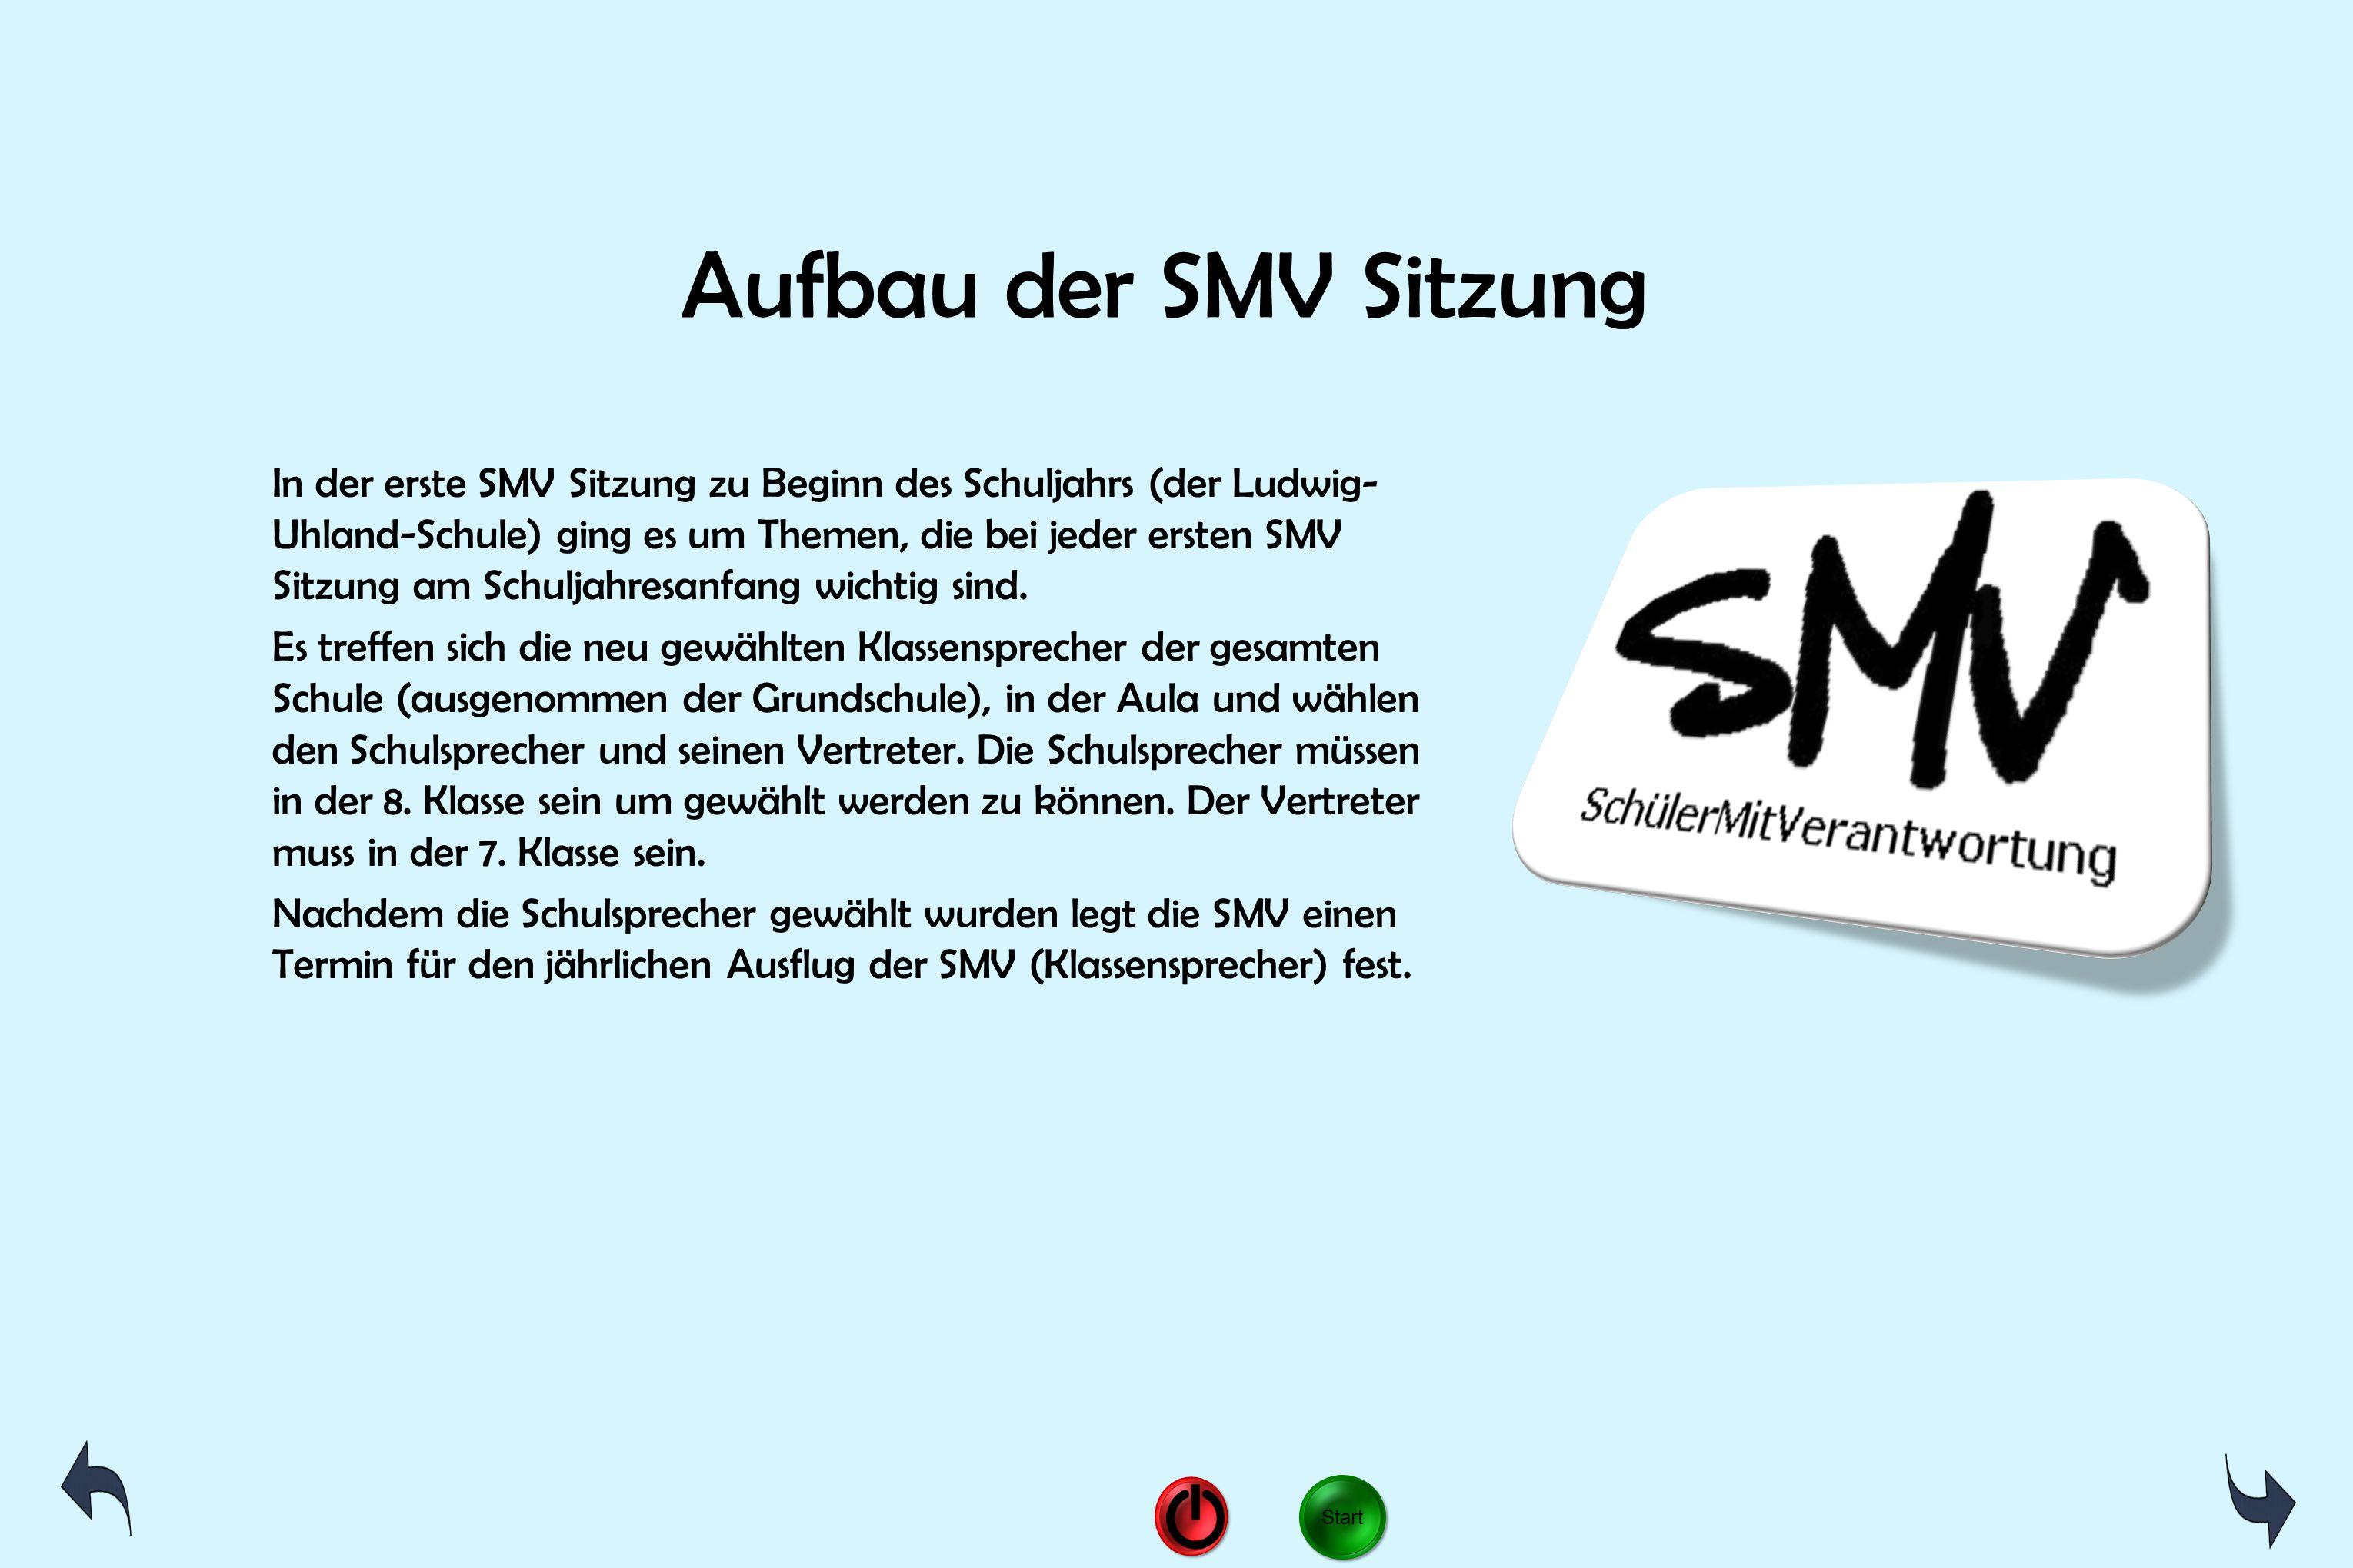 Aufbau der SMV Sitzung